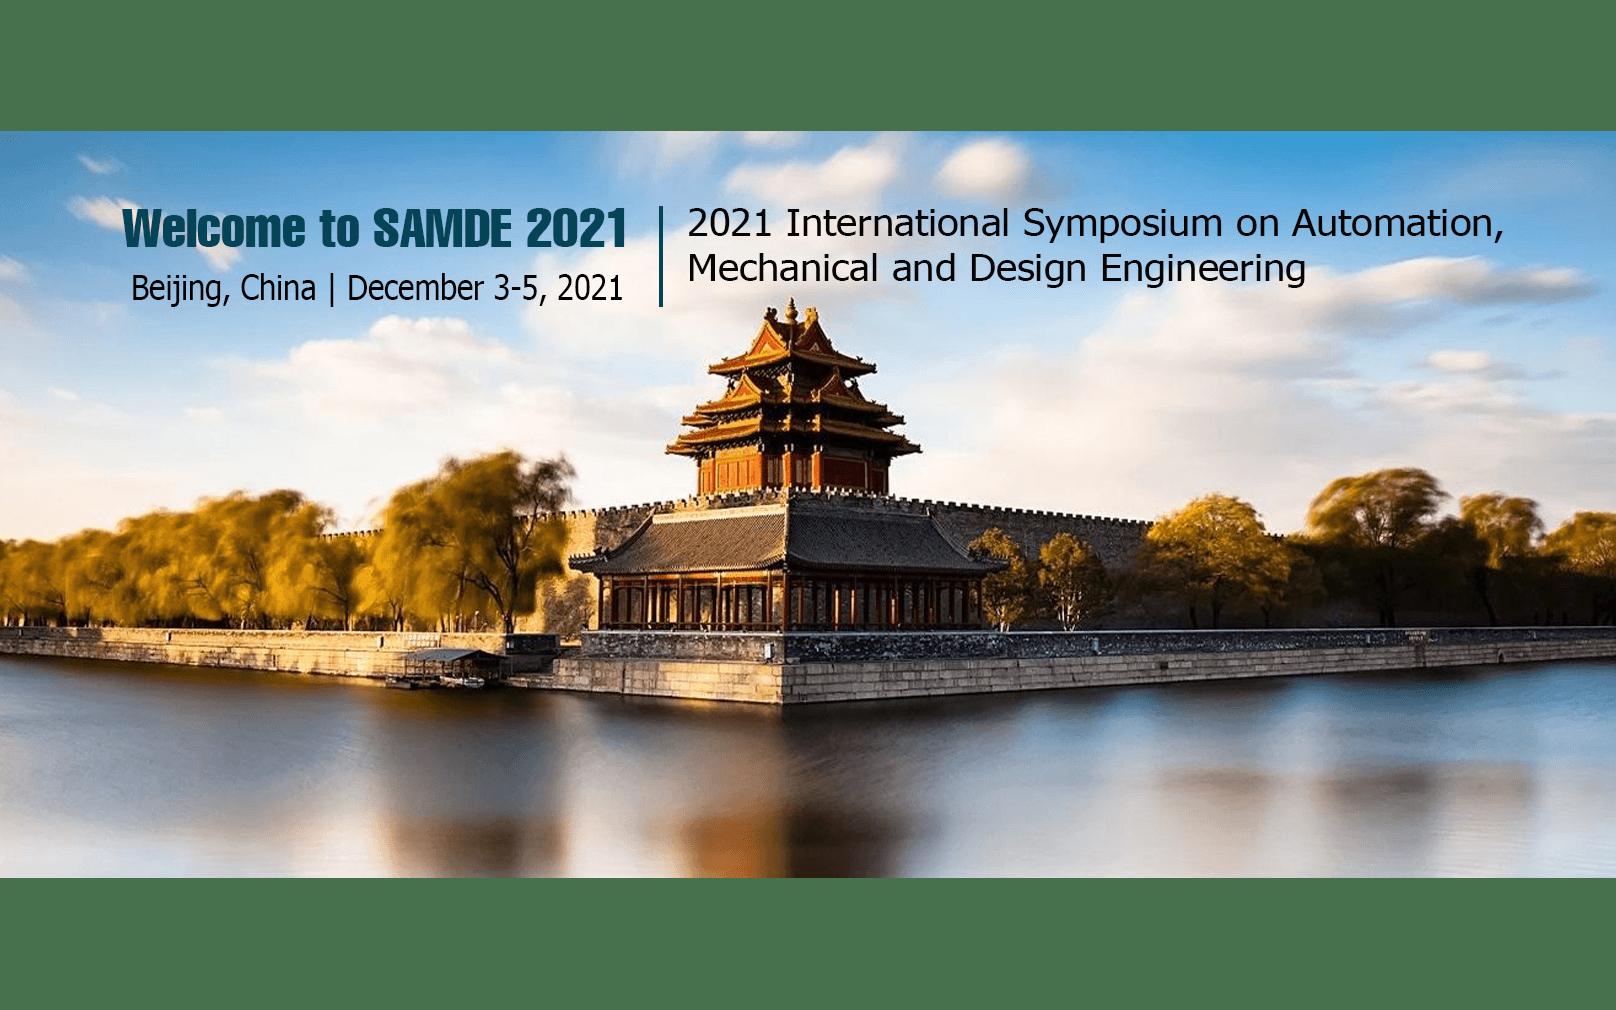 2021年自动化,机械与设计工程国际研讨会(SAMDE 2021)EI检索